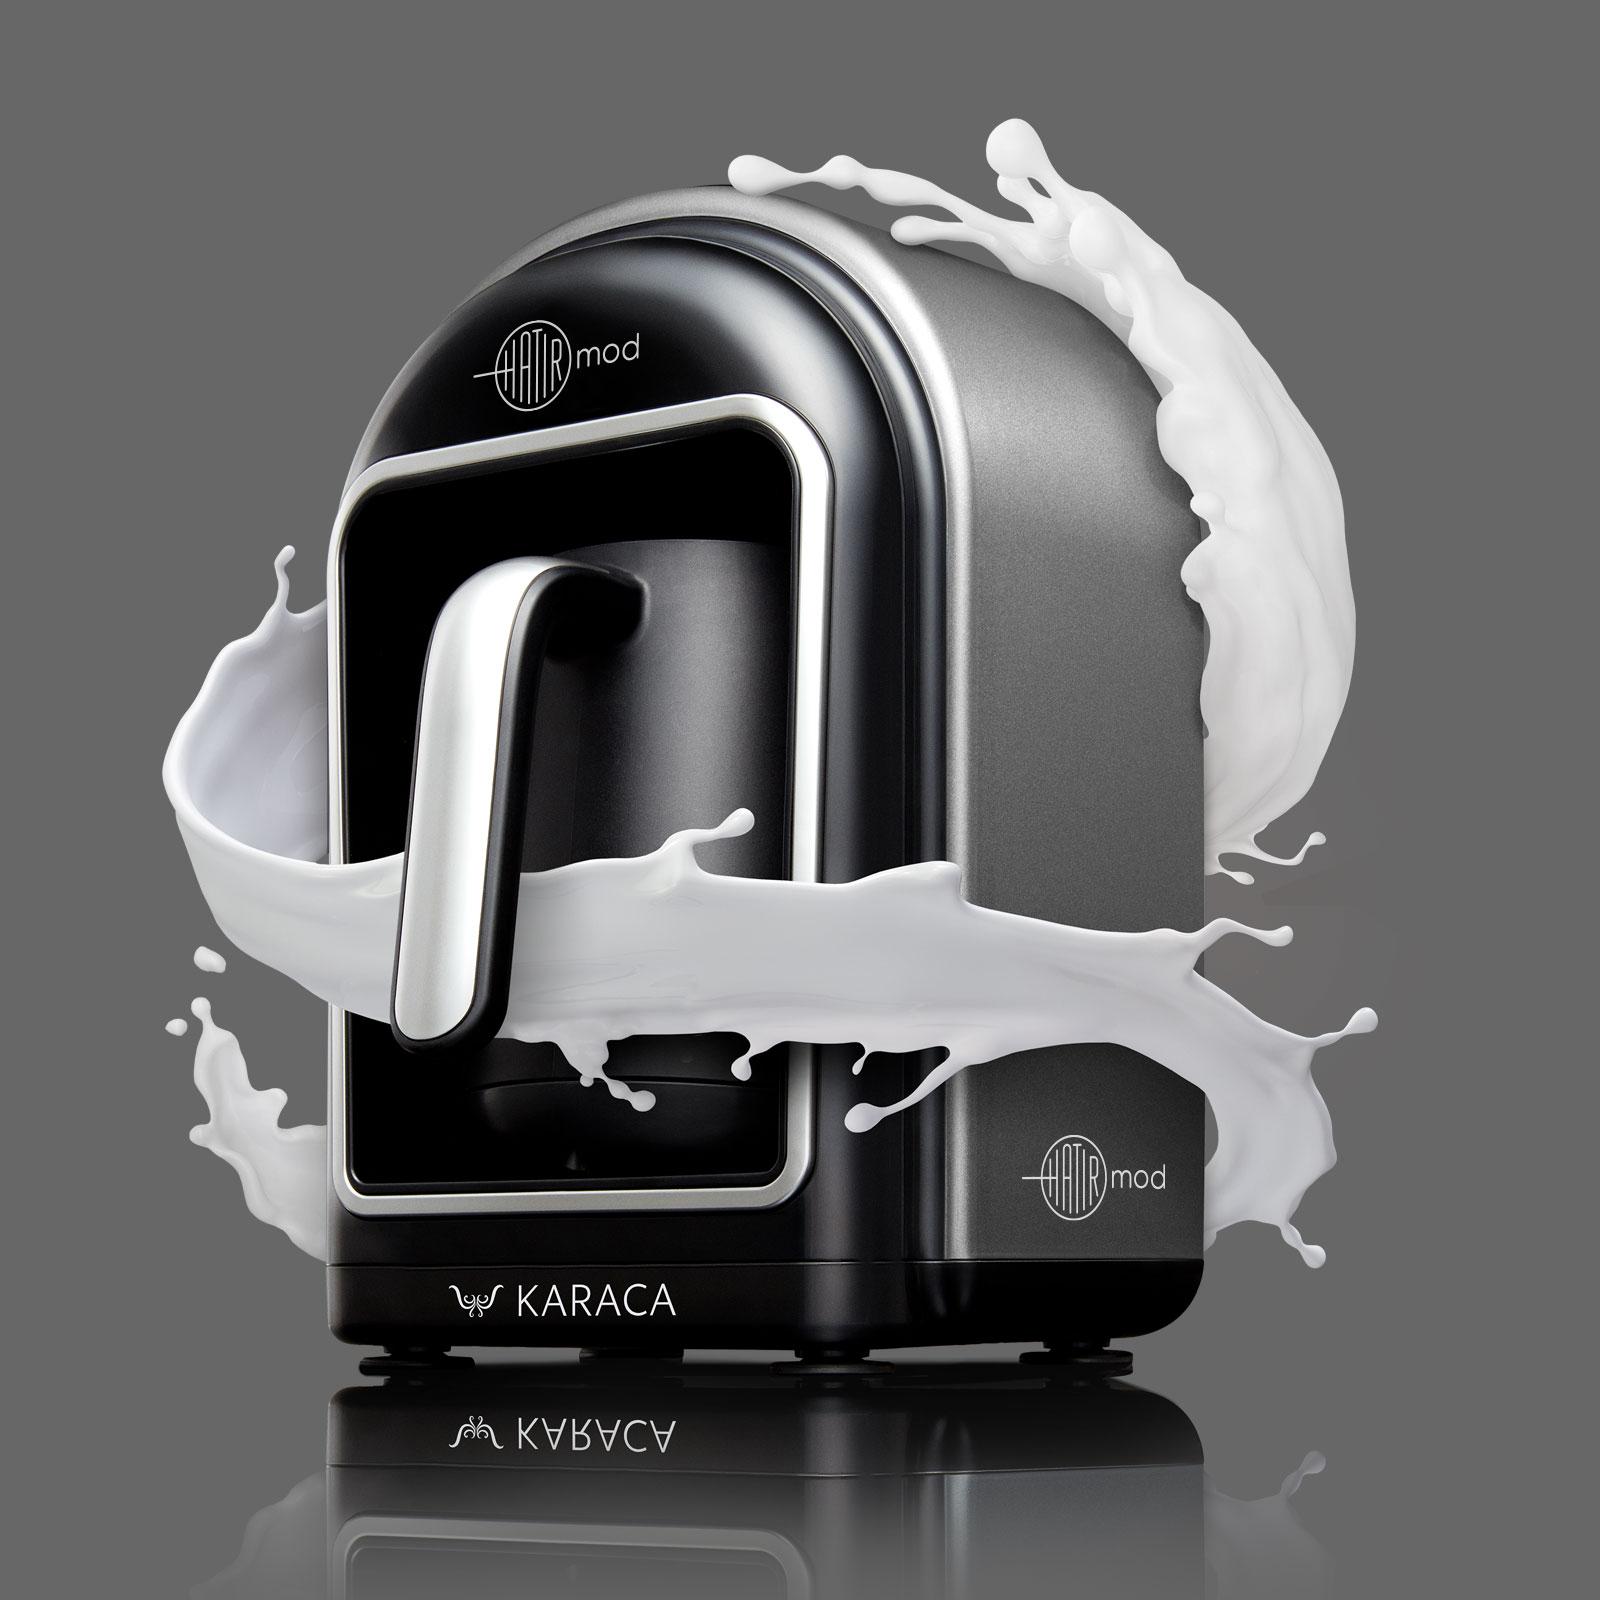 Karaca Hatır Mod Sütlü Türk Kahve Makinesi Antrasit